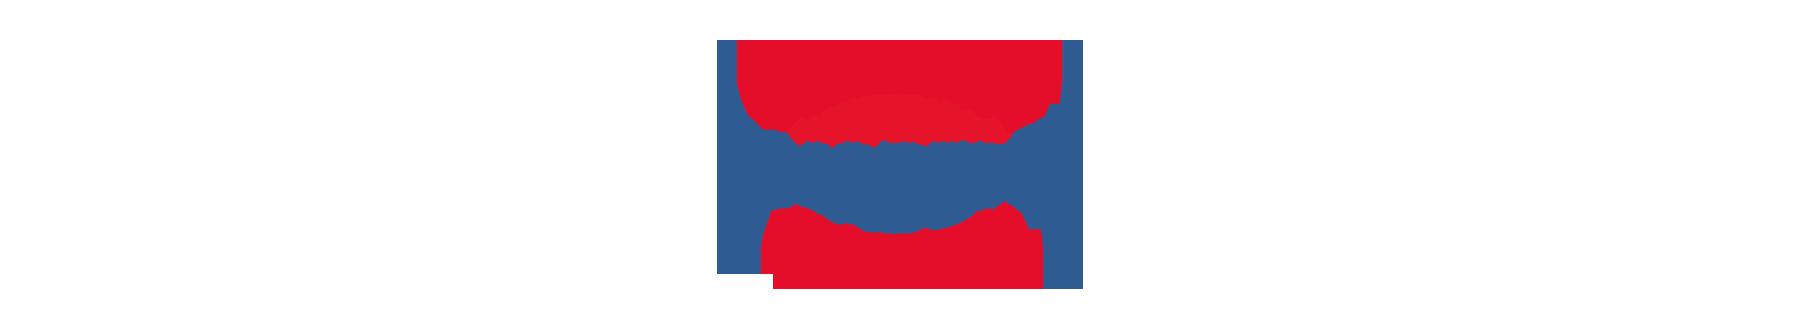 Maintenance Akademy